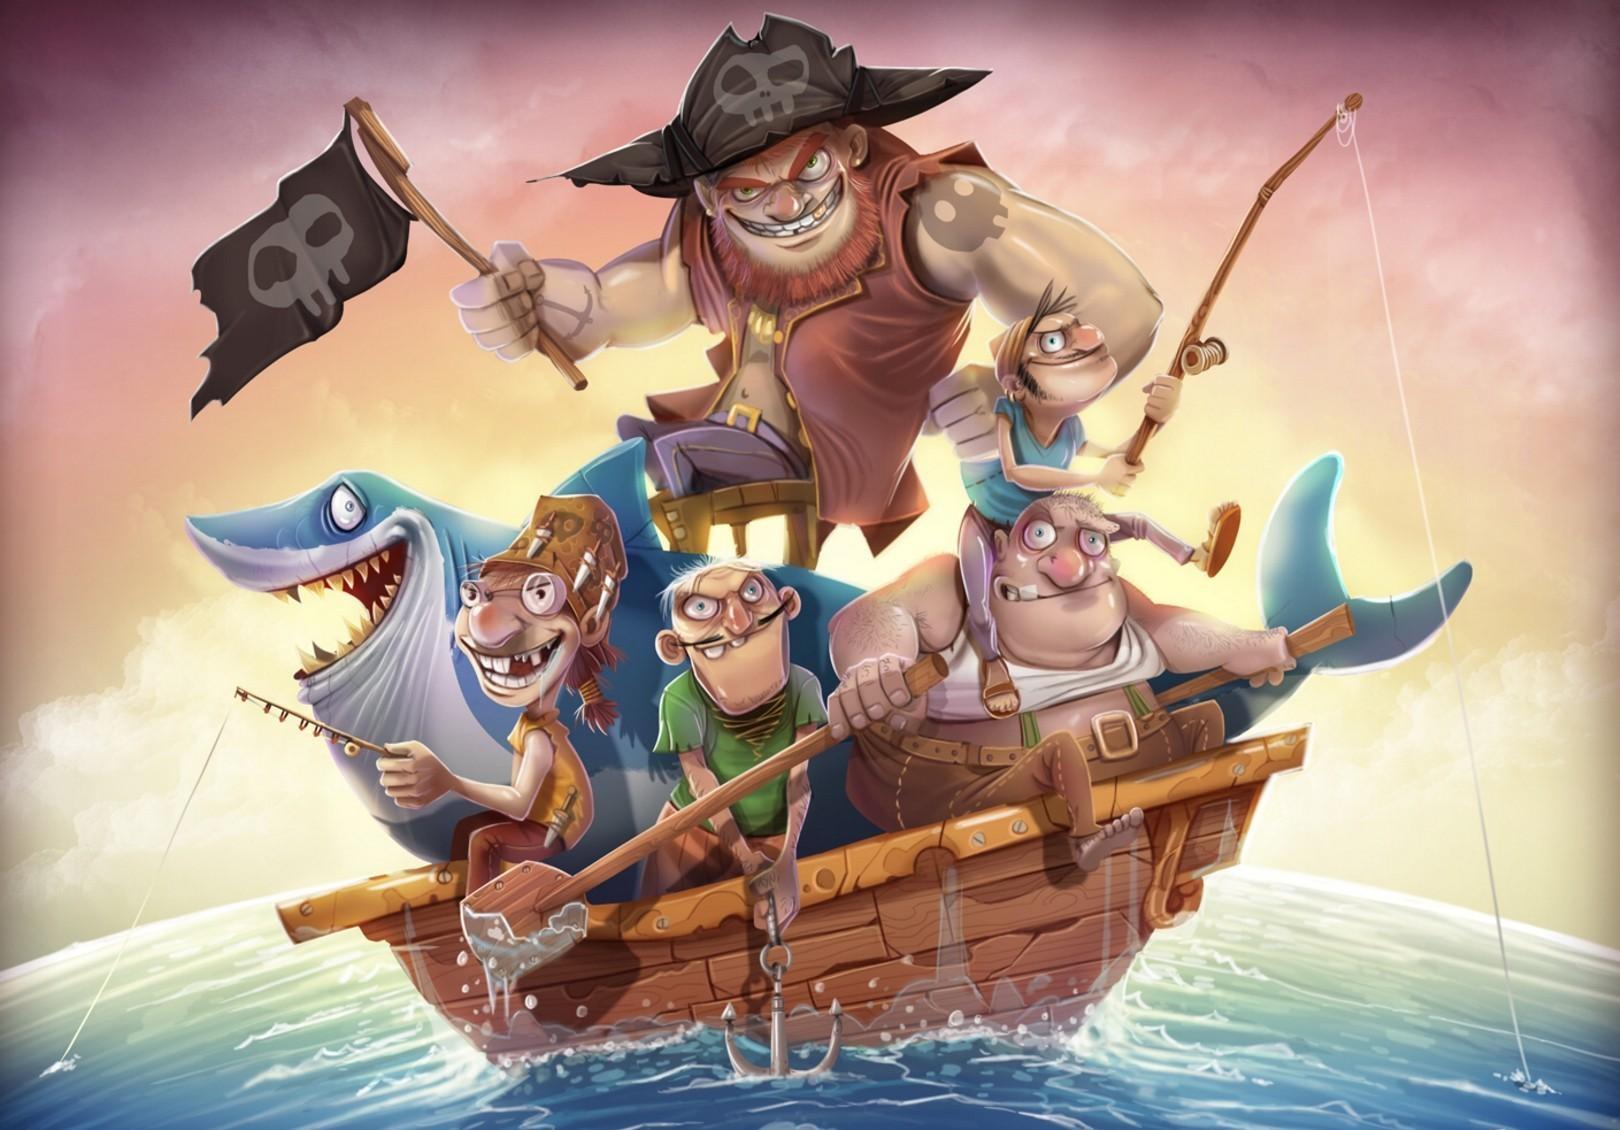 Beliebte Piraten Bilder für Mobiltelefone